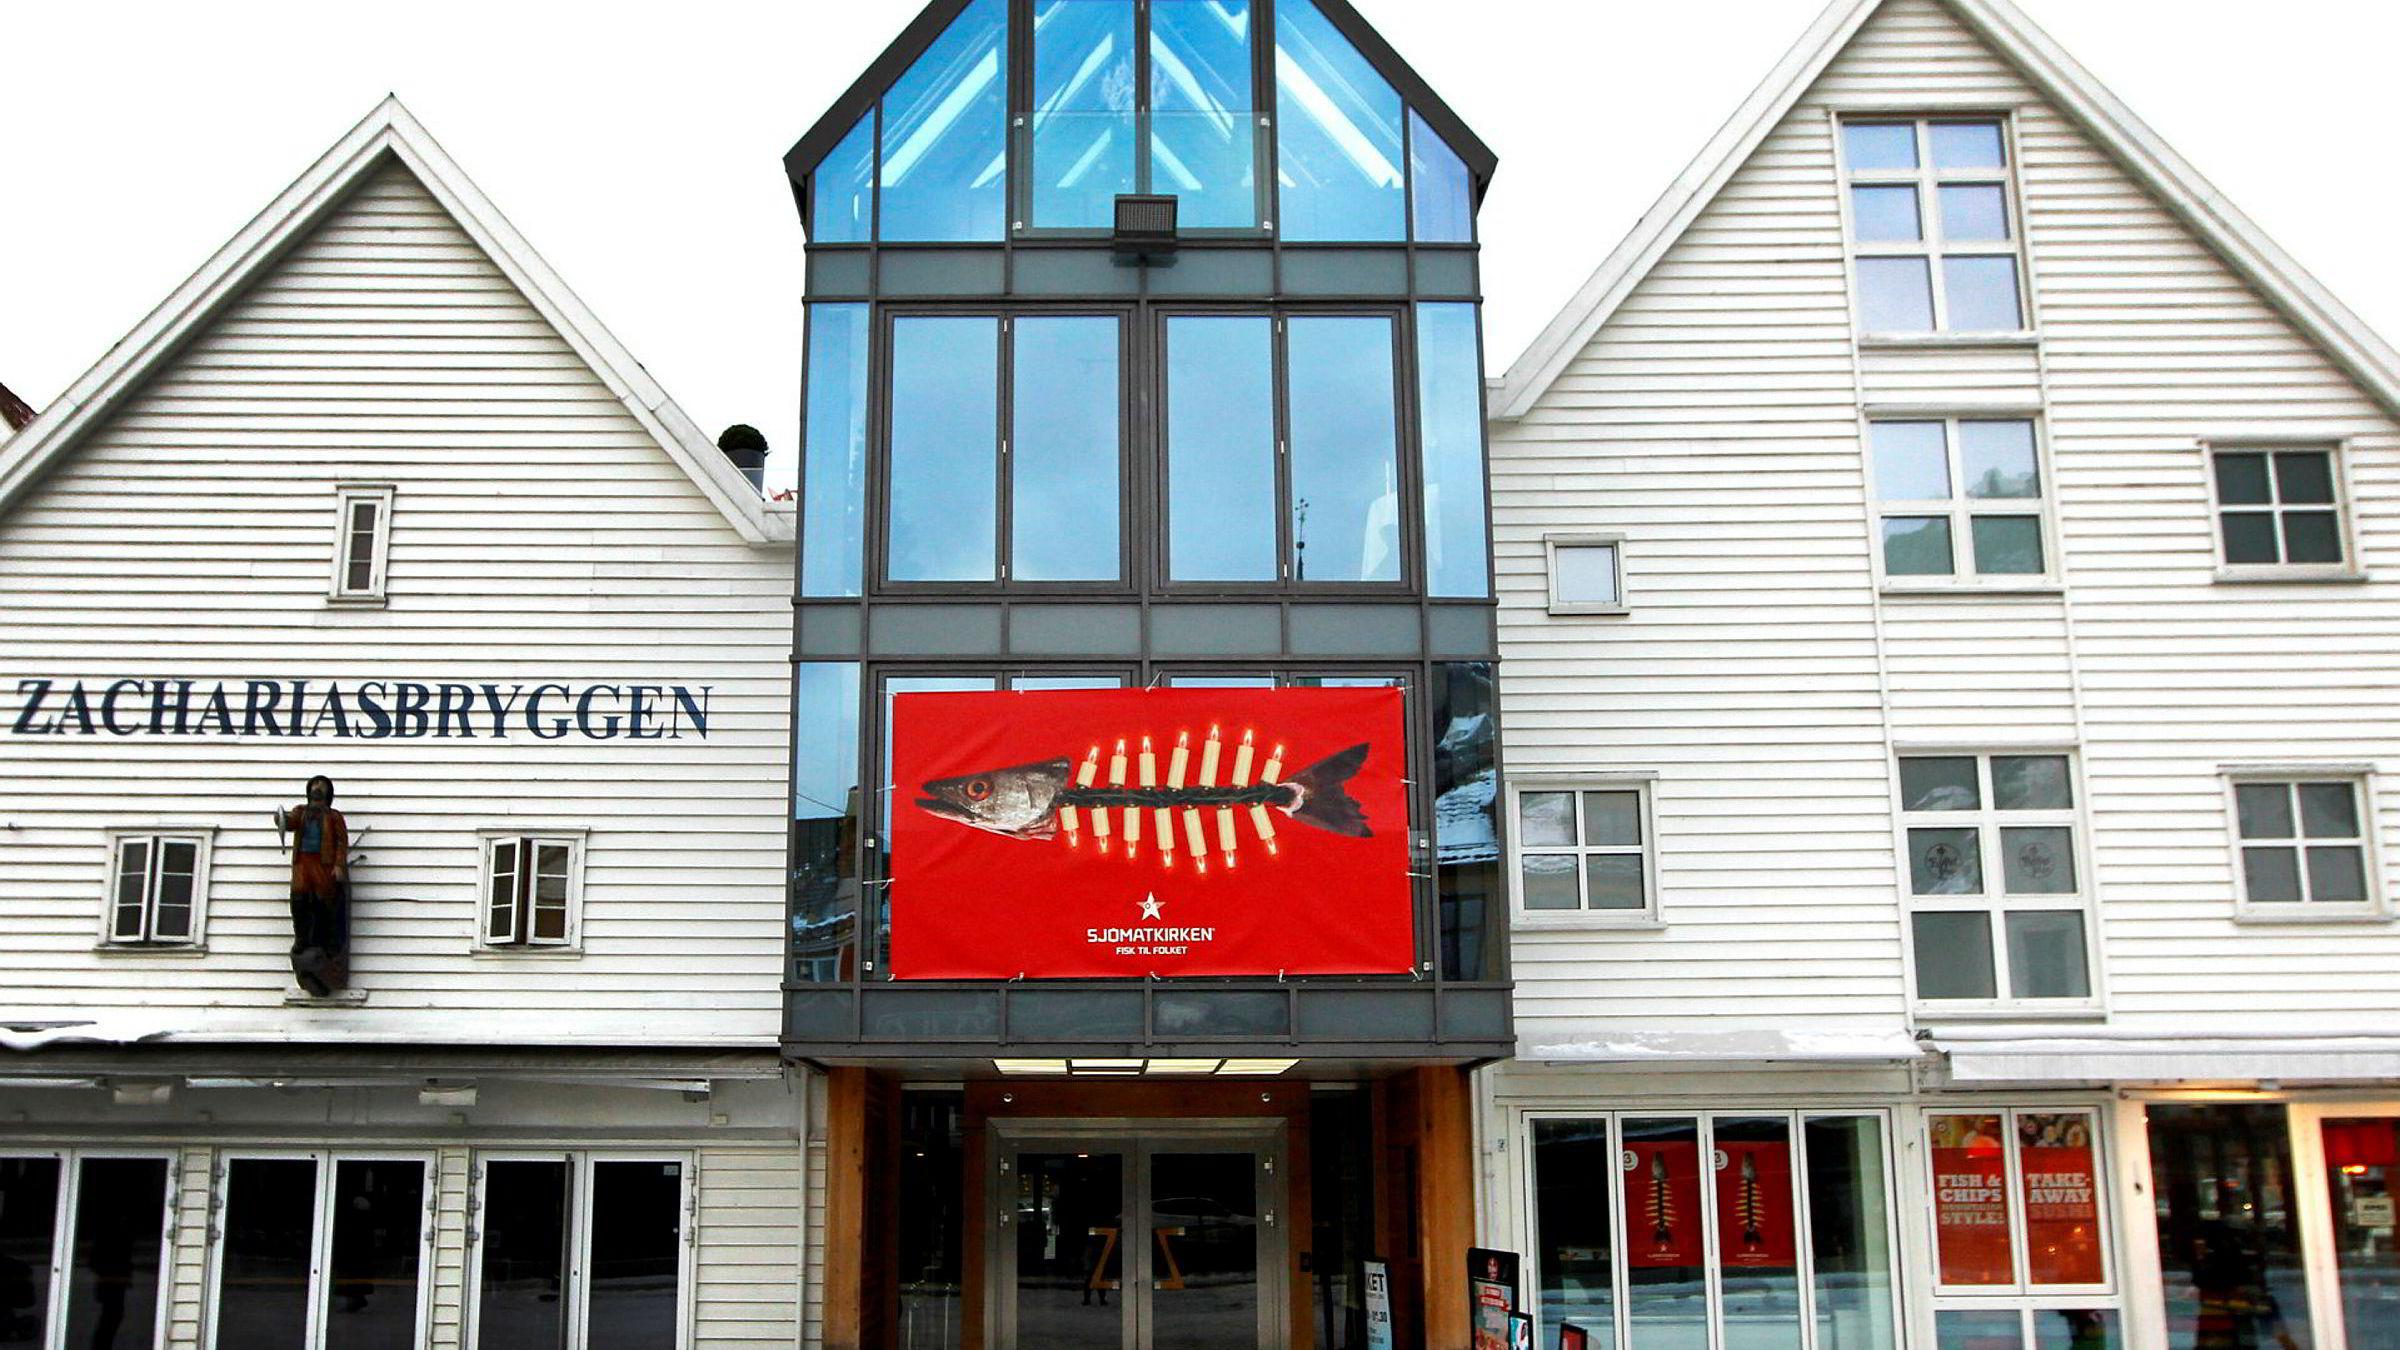 Dette restauranthuset på Zachariasbryggen i Bergen har vært omfattet av mye krangling og juridiske disputter de siste ti årene.